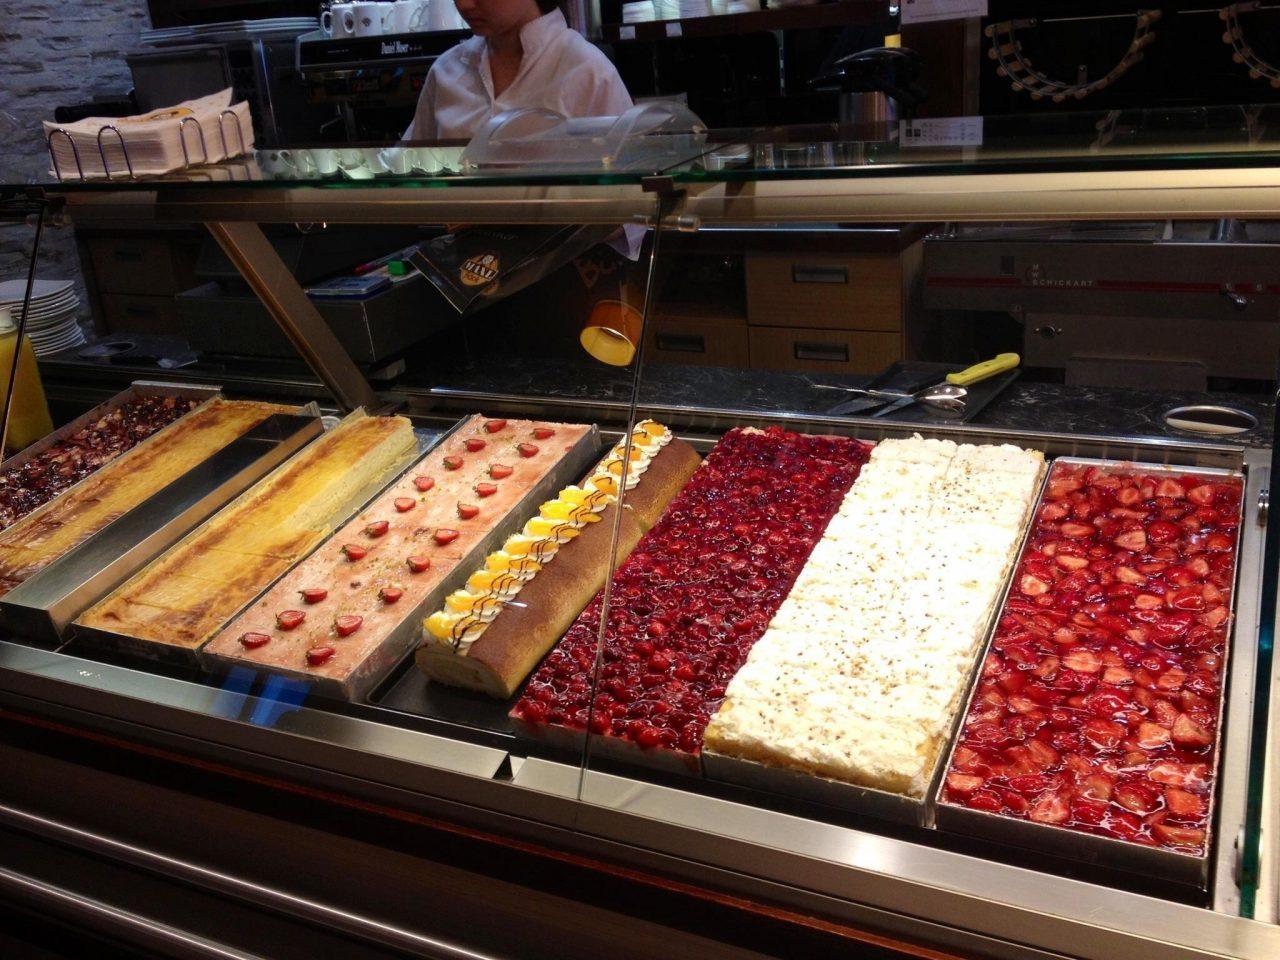 German bakery cake sheet